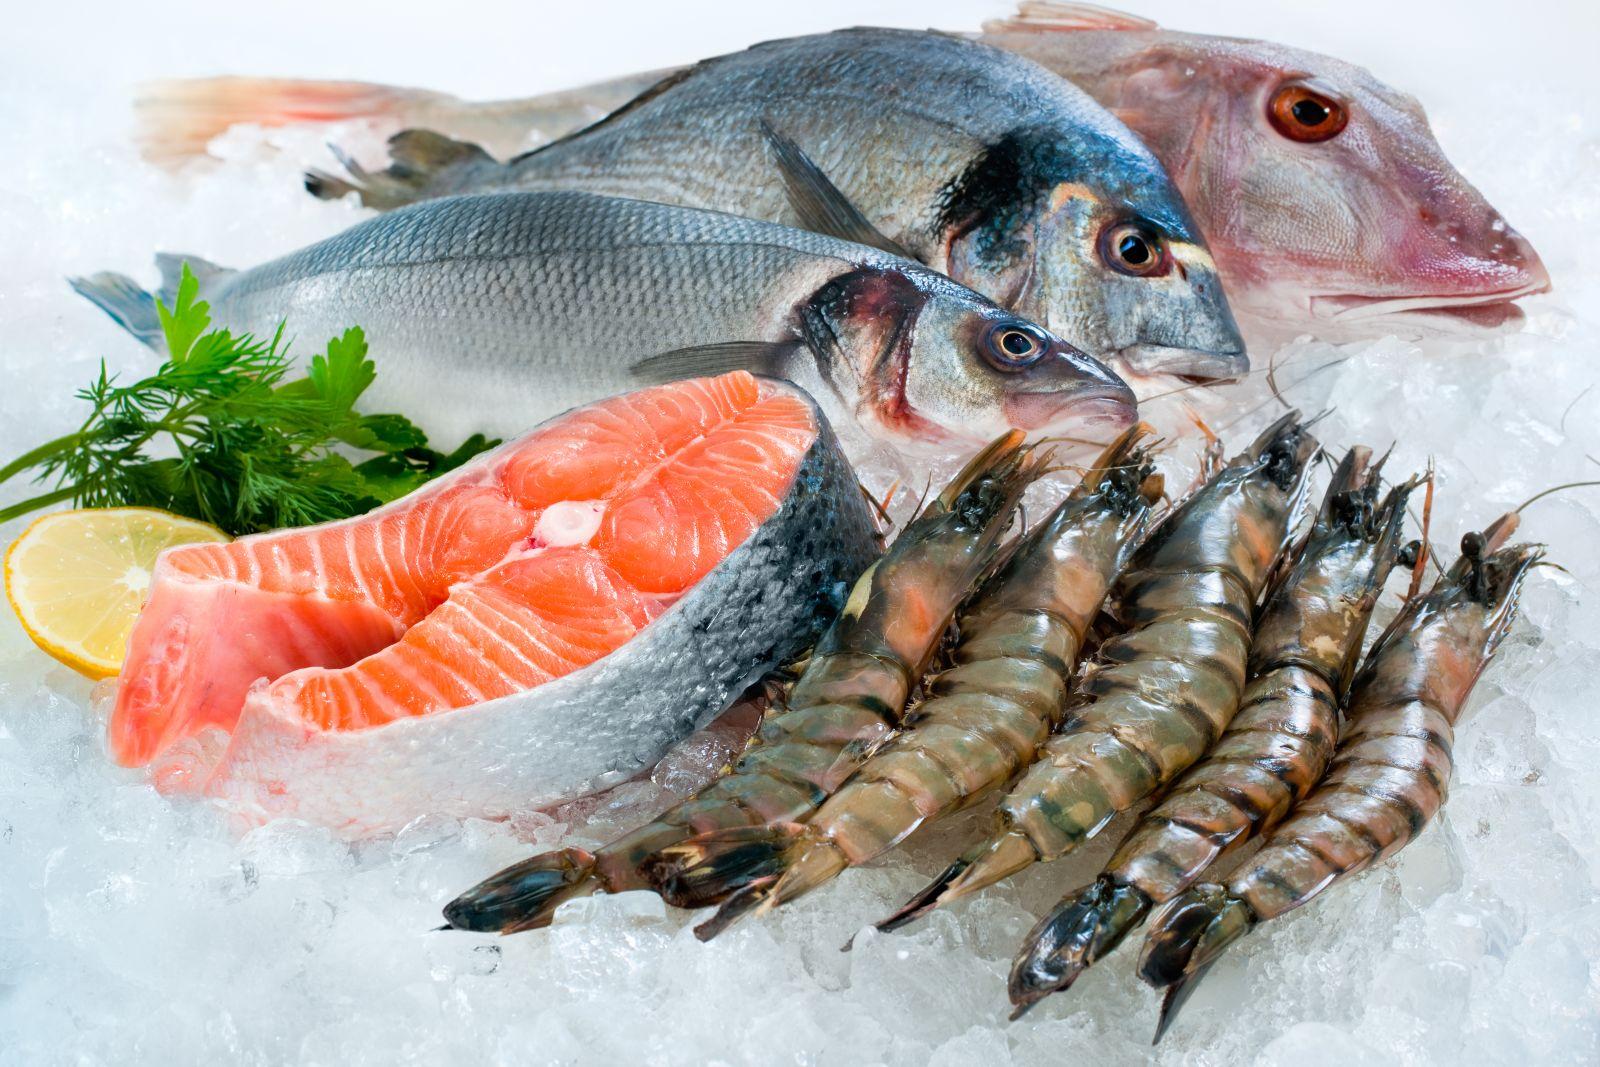 Description: Kết quả hình ảnh cho hải sản